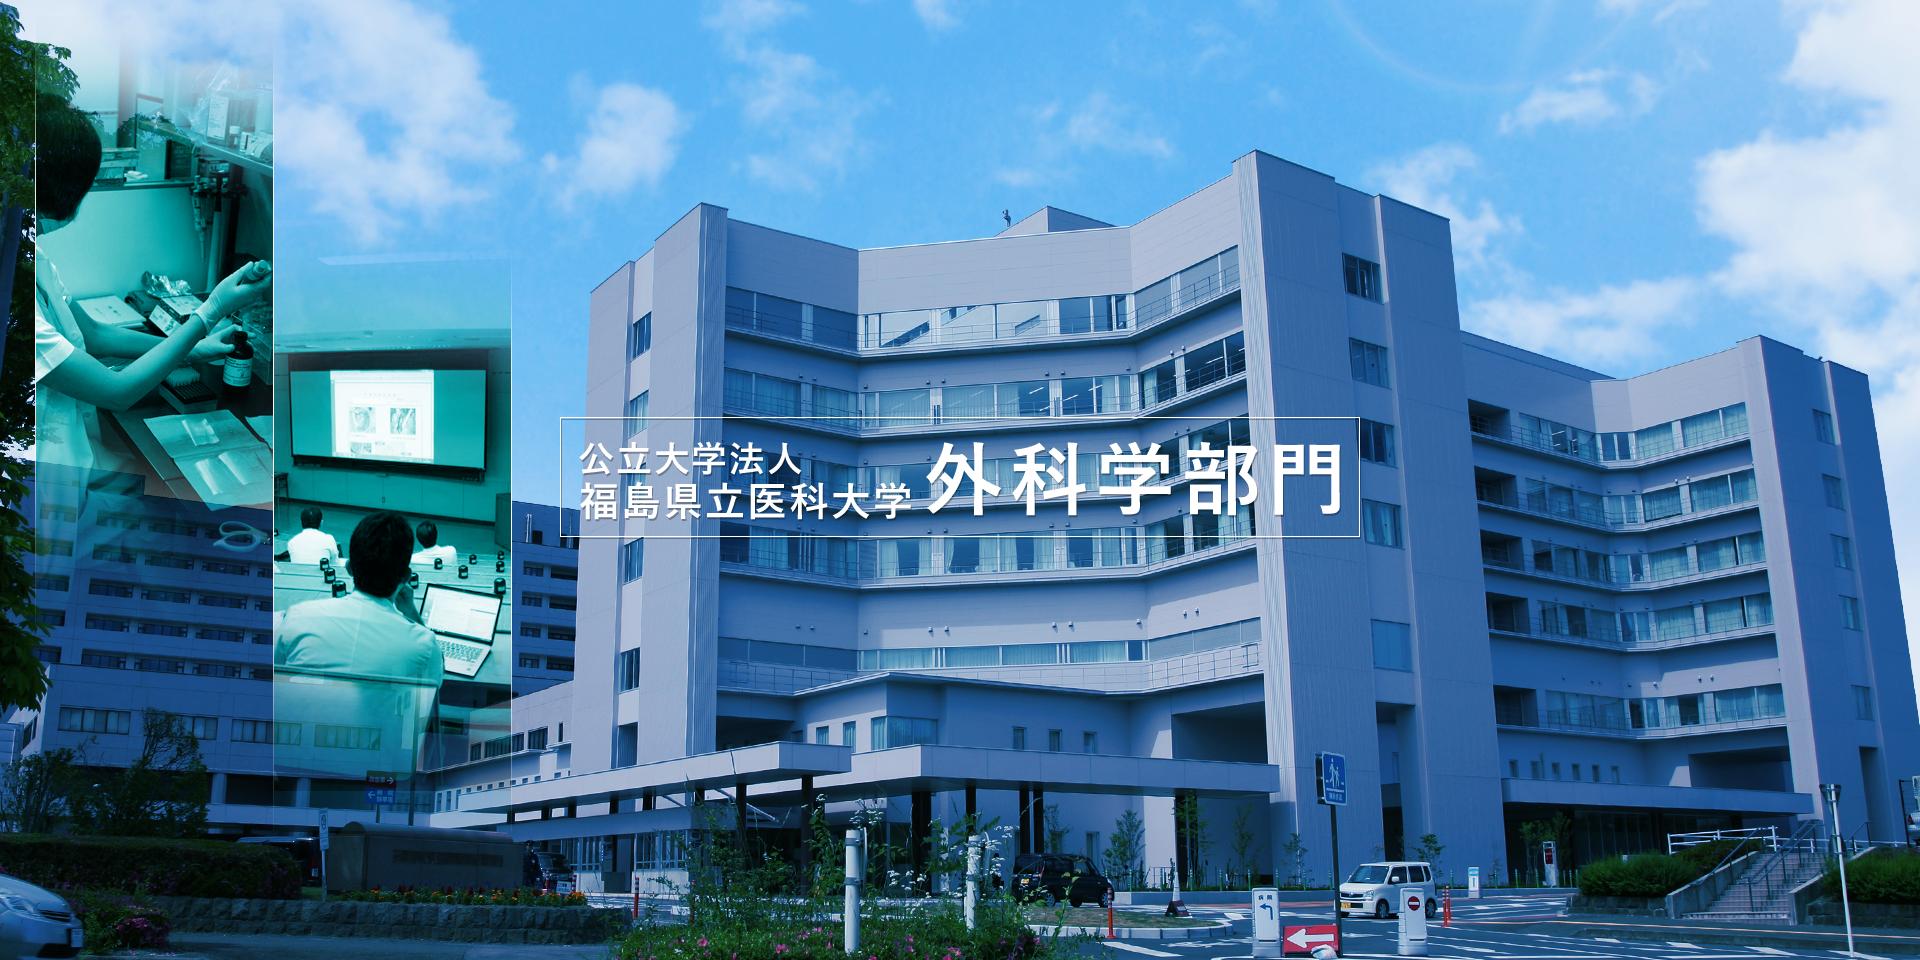 公立大学法人福島県立医科大学 外科学部門